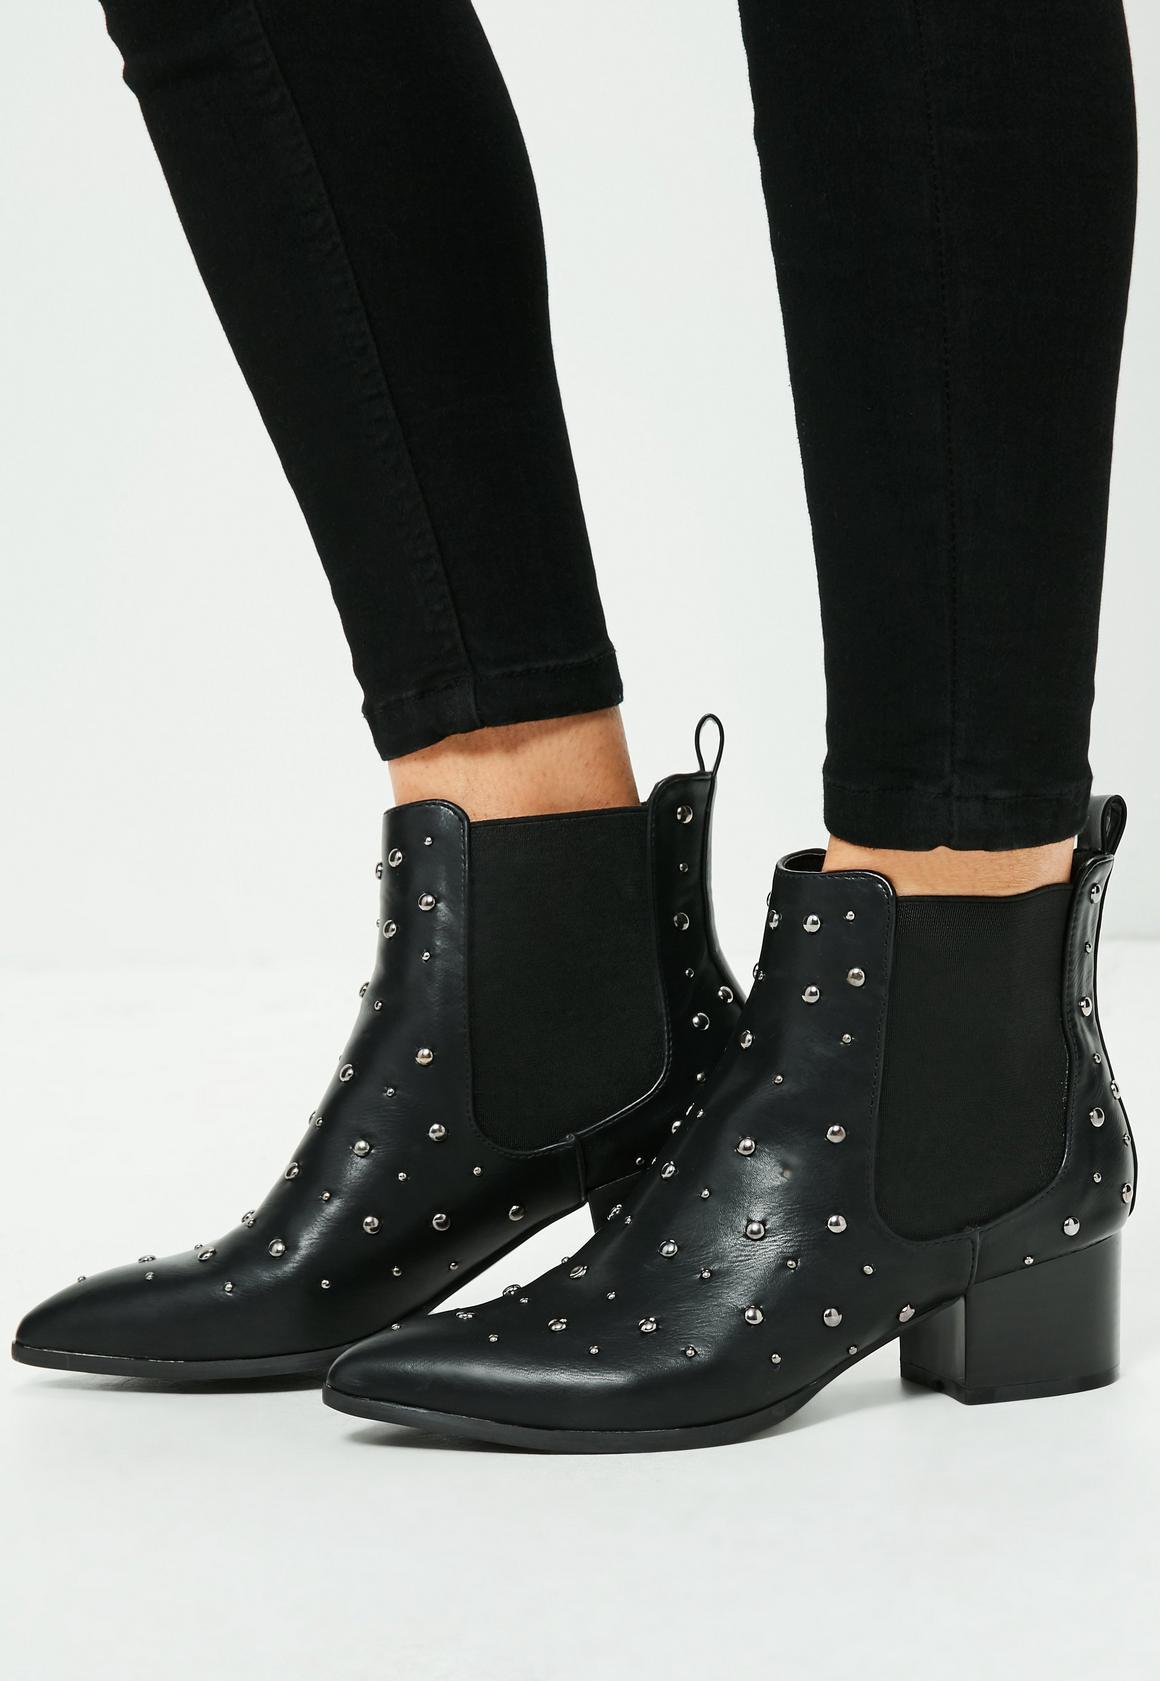 bottines pointues noires cloutées | missguided